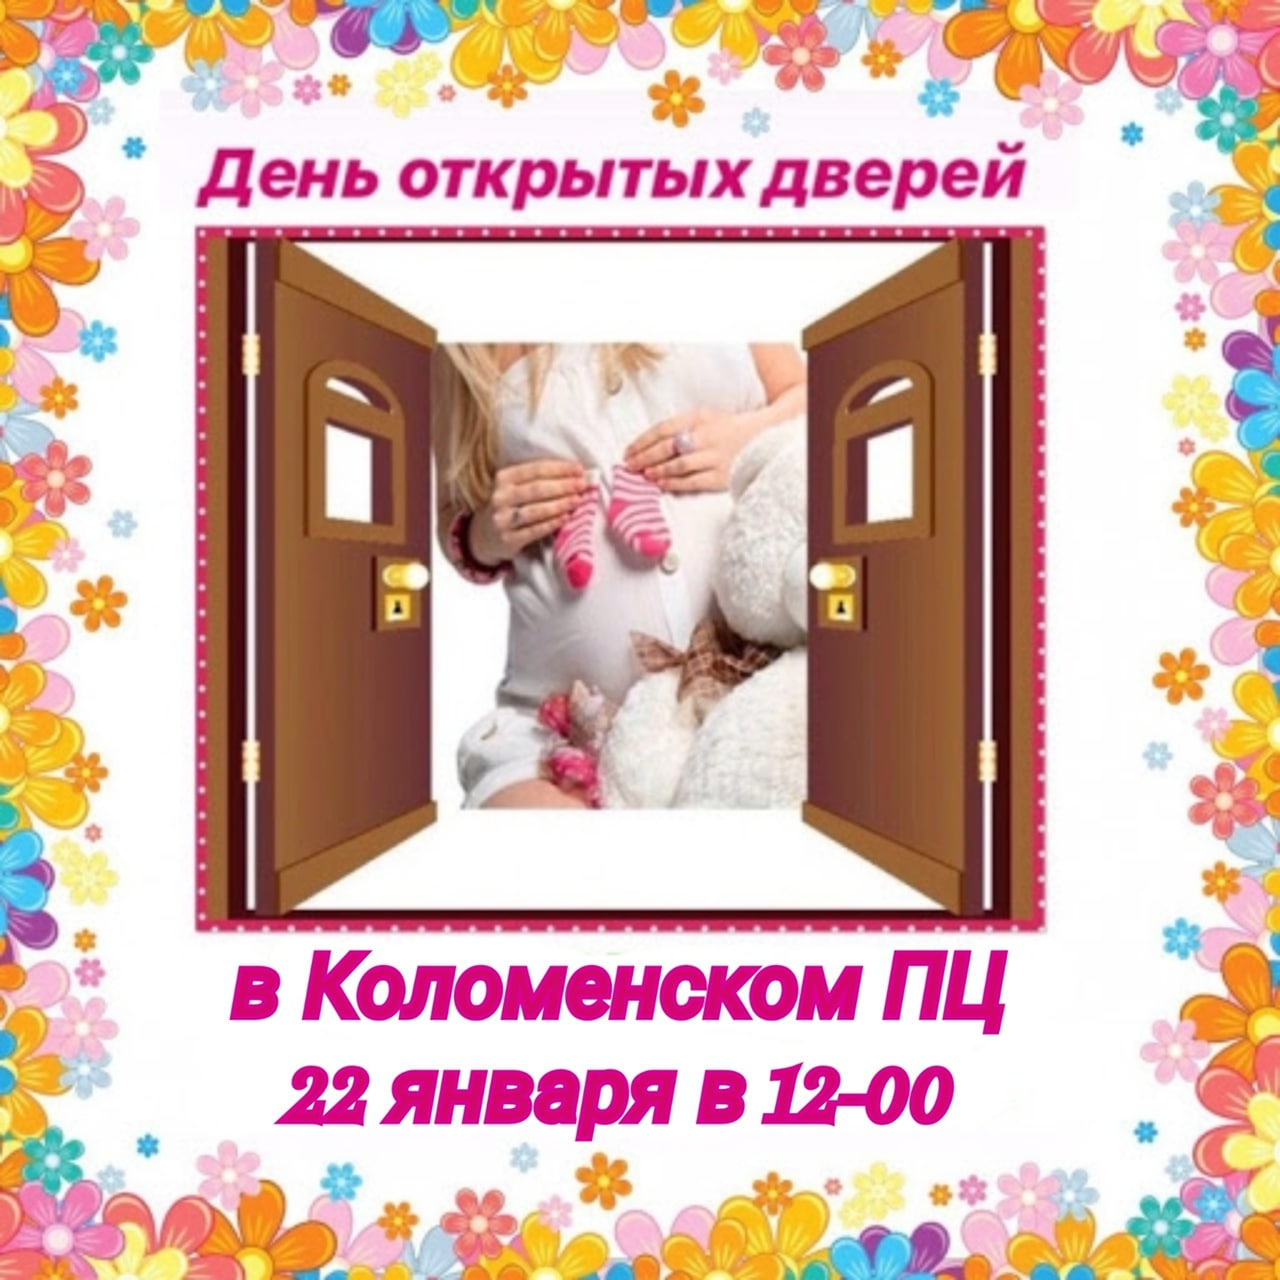 В коломенском Перинатальном центре пойдет День открытых дверей